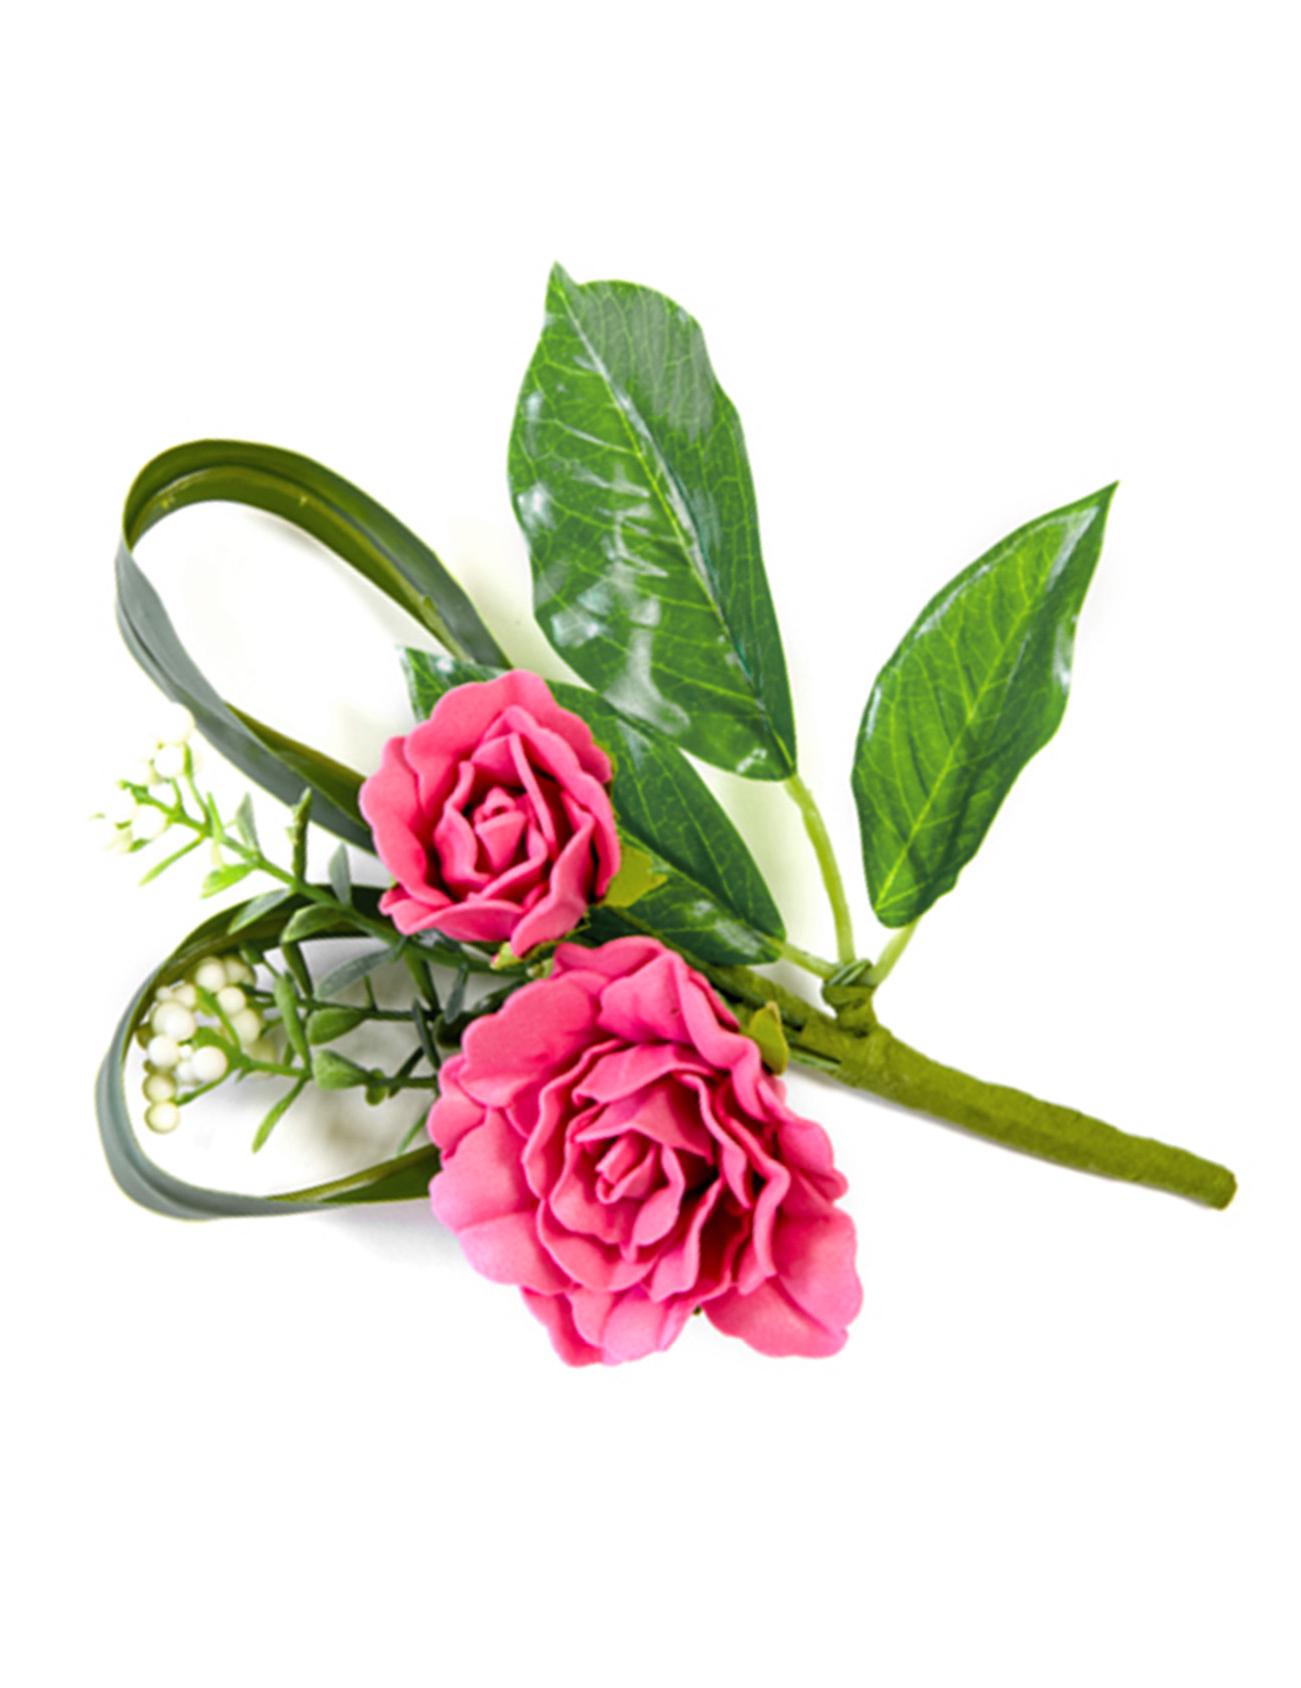 Deco de table fleurs artificielles roses fuschia deguise toi achat de decoration animation - Deco table fleur ...